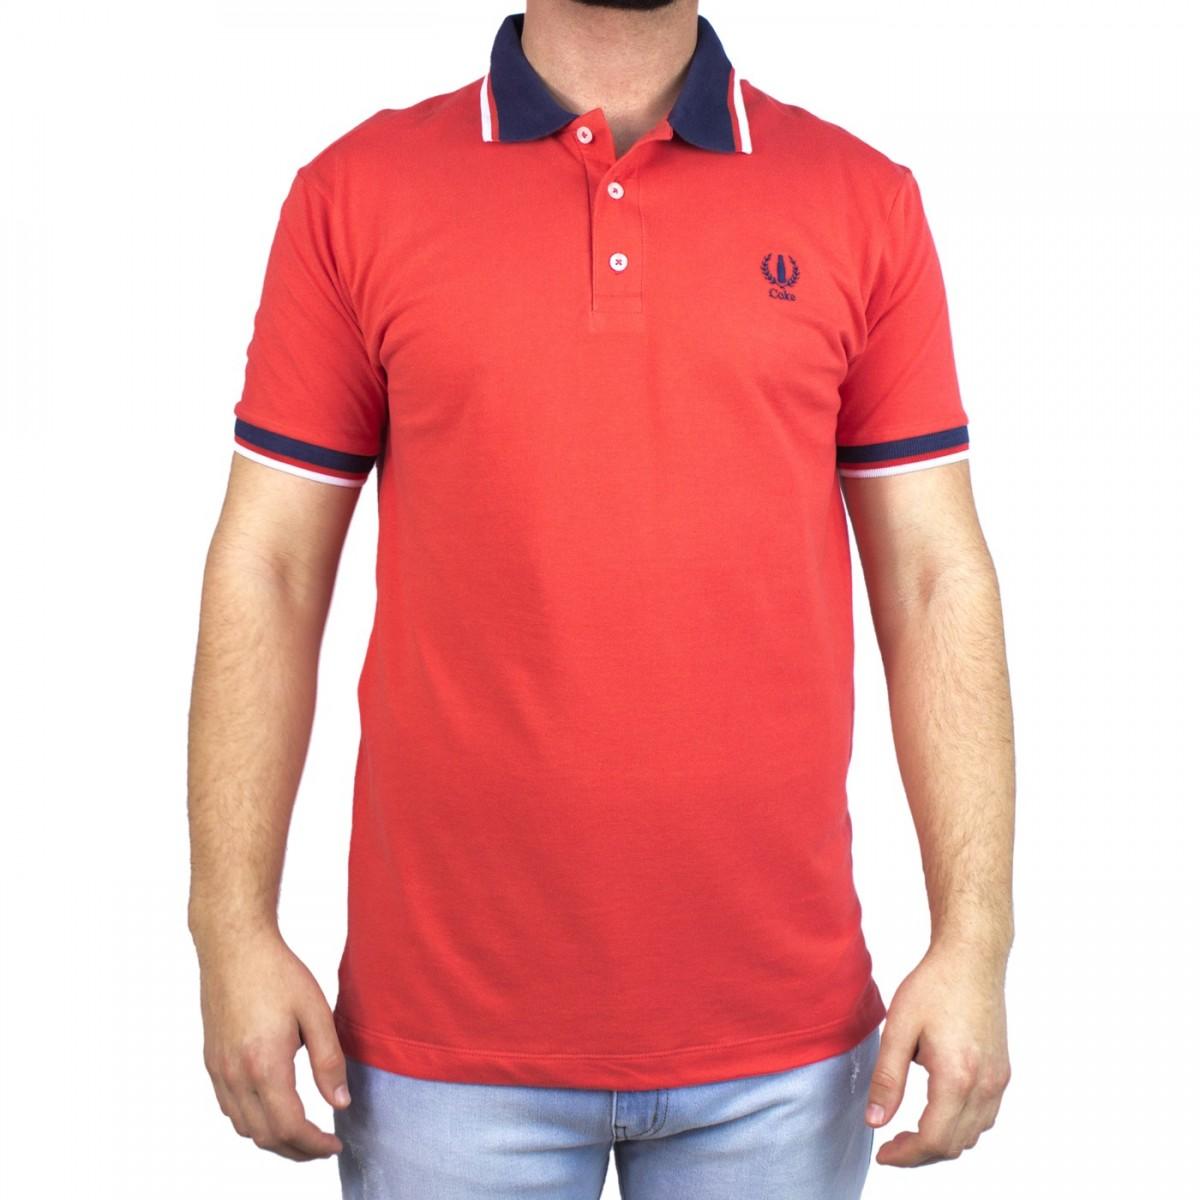 Bizz store camisa polo masculina coca cola manga curta vermelha jpg  1200x1200 Camiseta polo vermelho cff5e6c1984c6